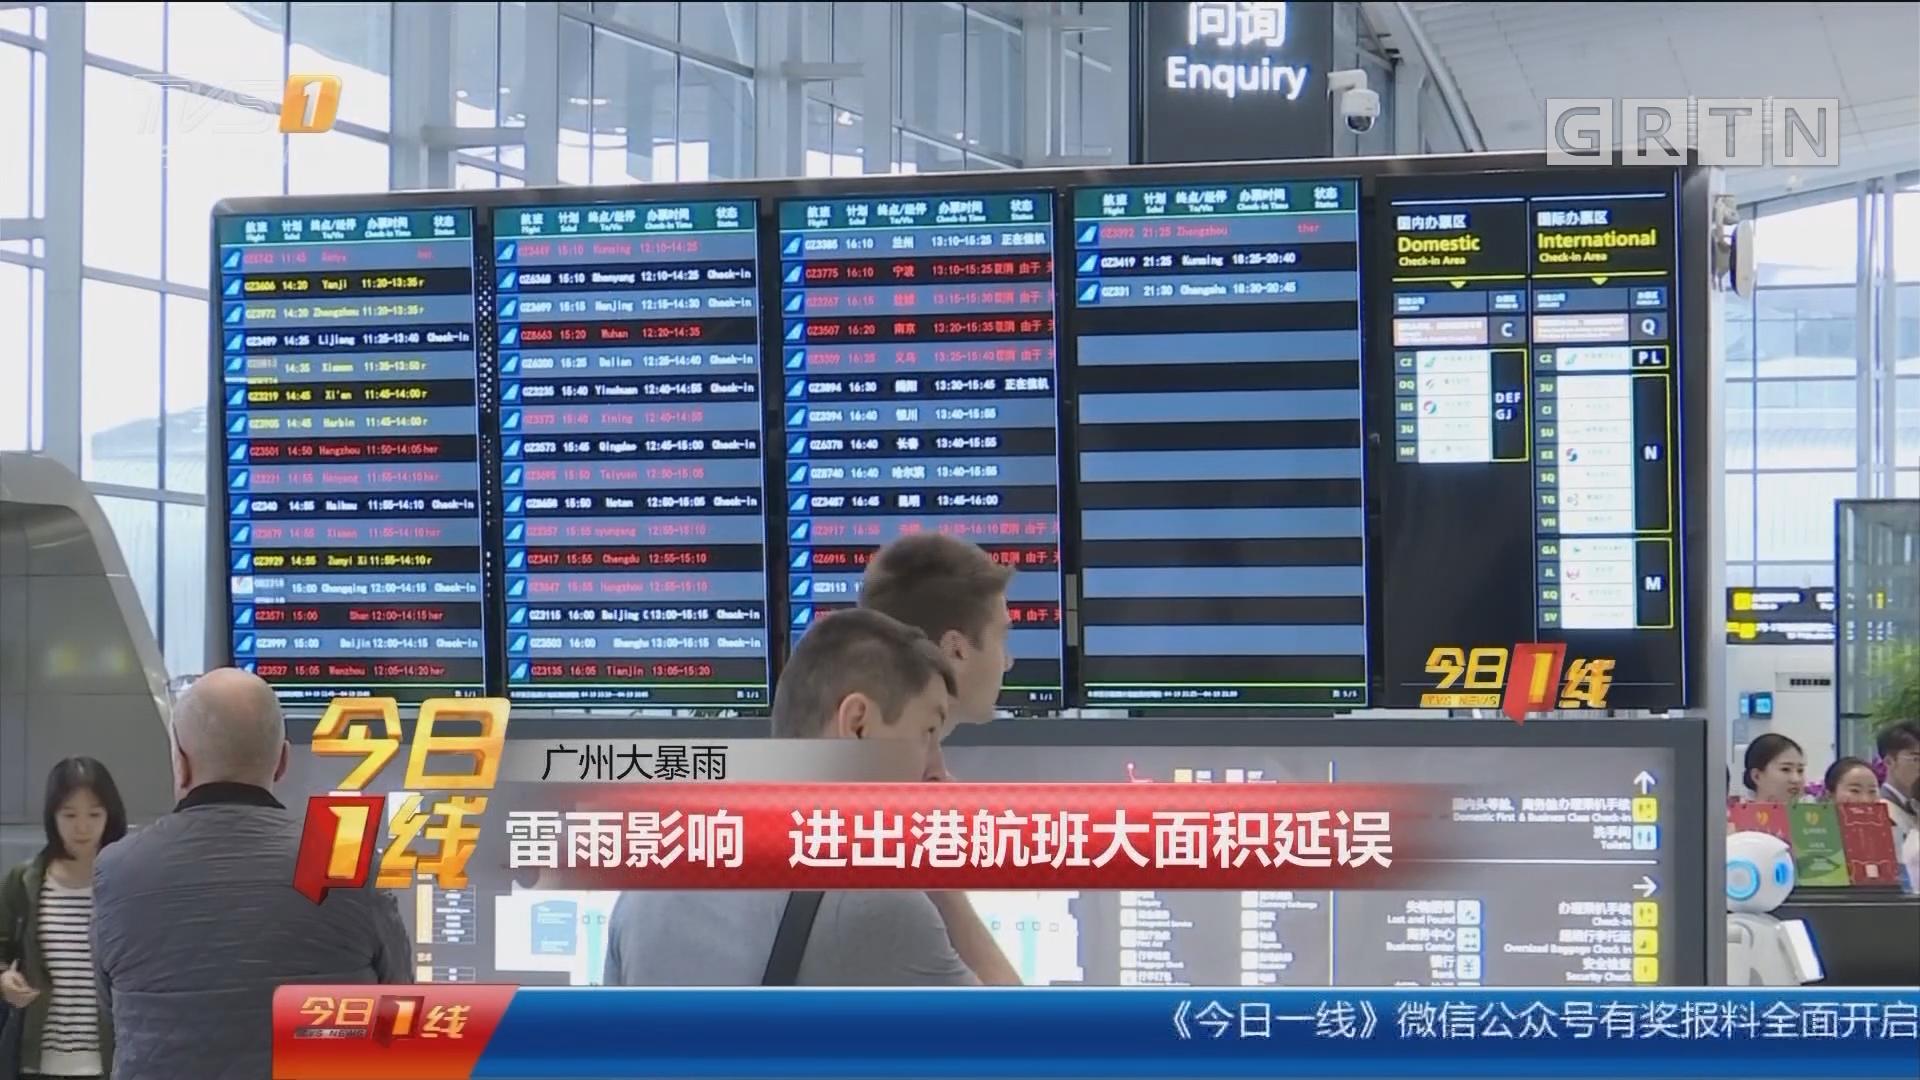 广州大暴雨:雷雨影响 进出港航班大面积延误